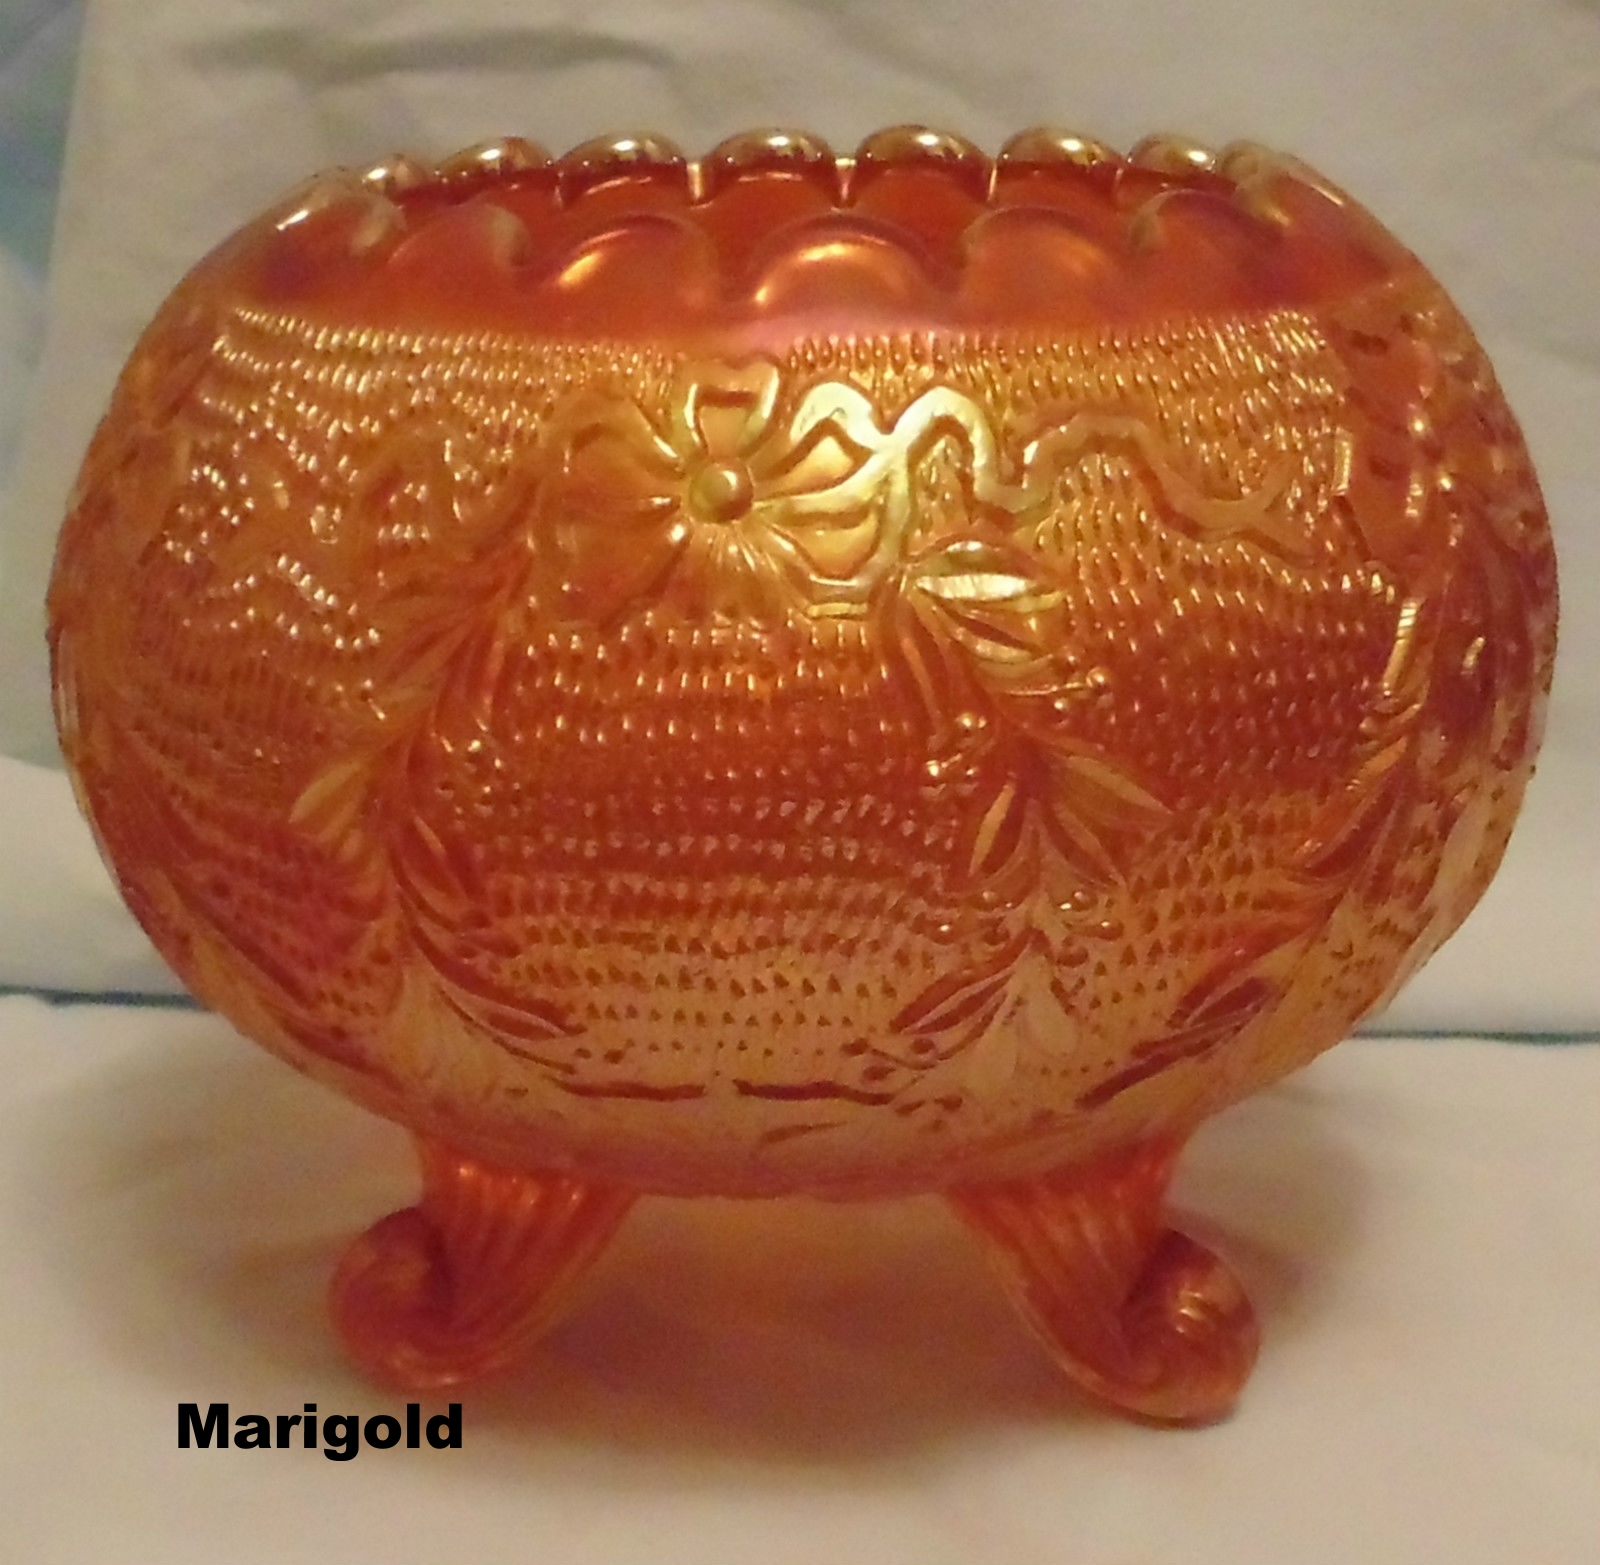 Marigold color